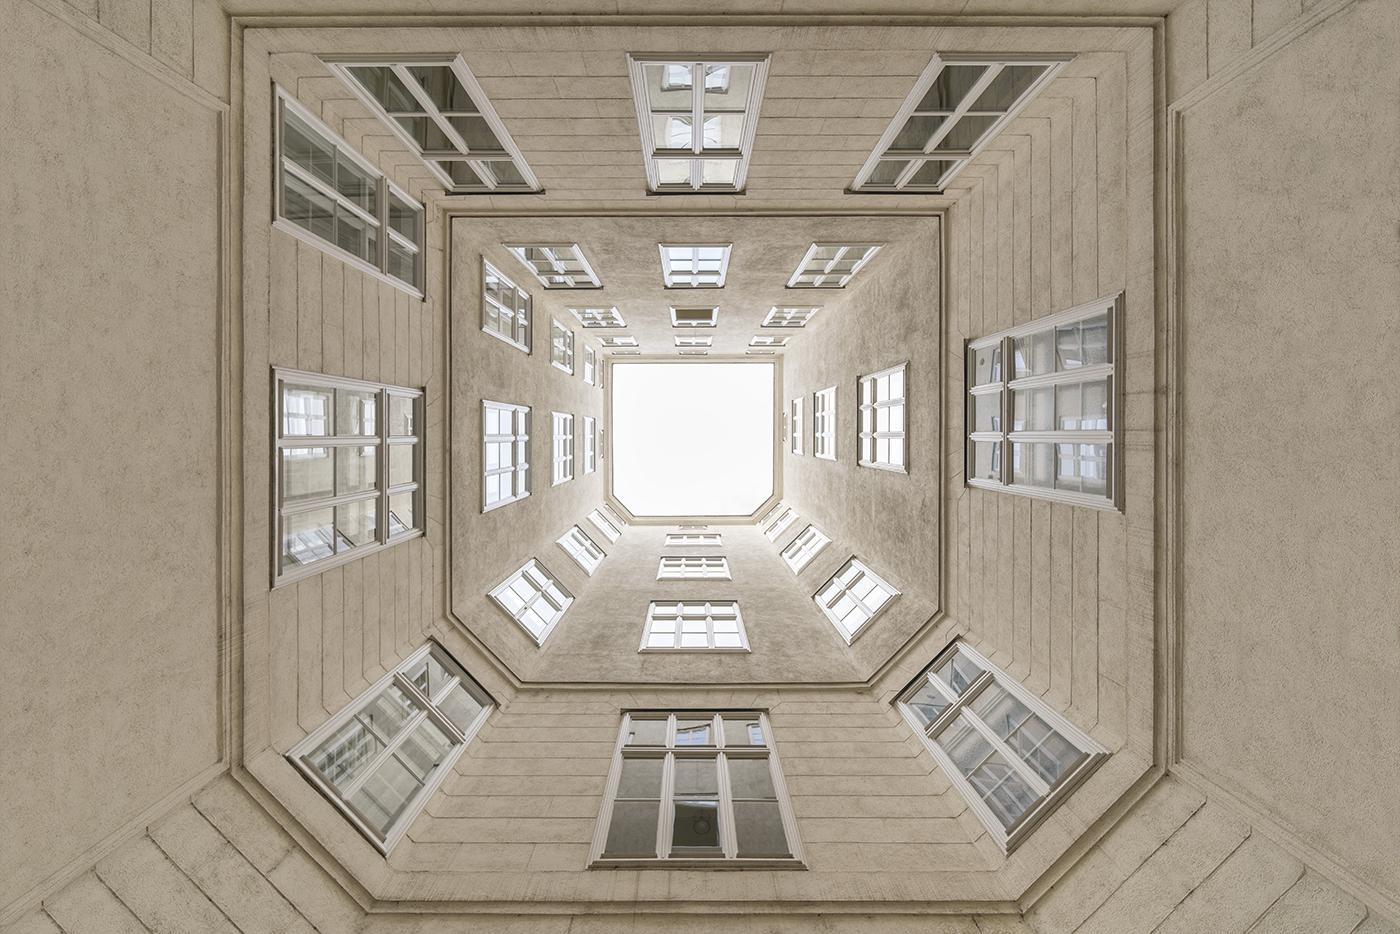 Viennametry le geometrie architettoniche di Vienna | Collater.al